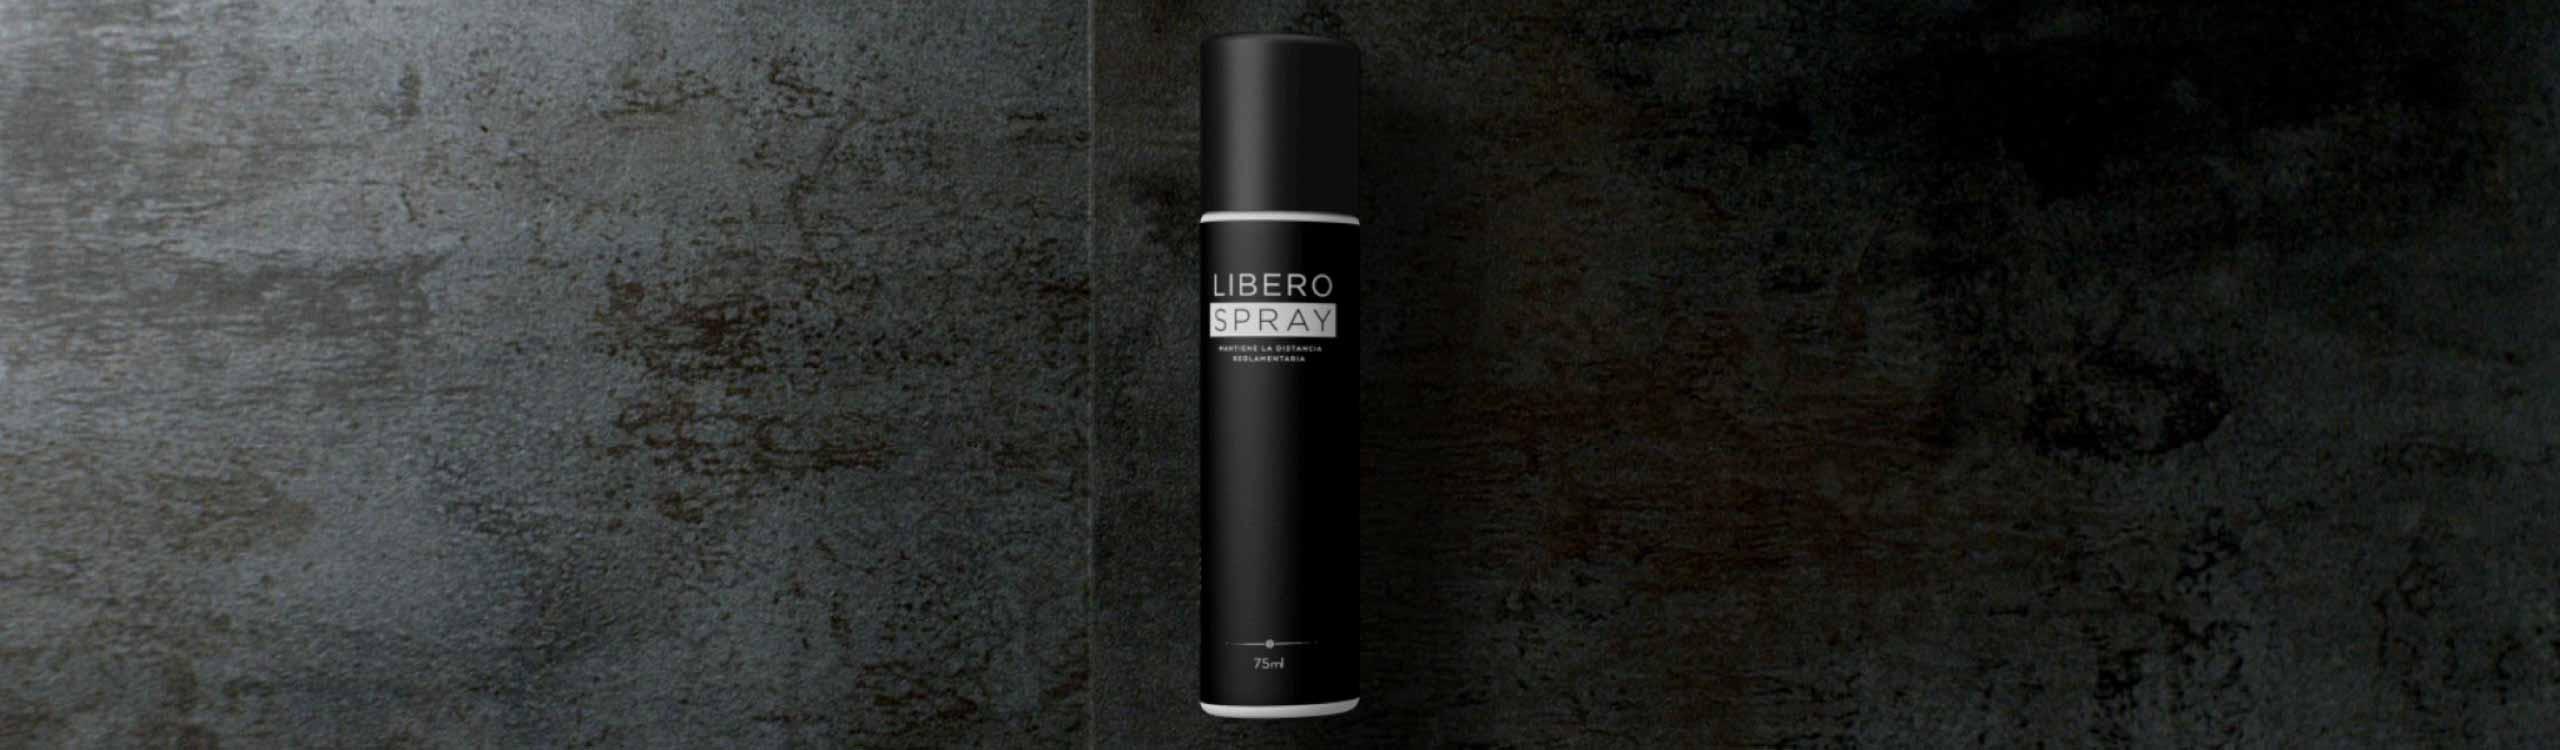 #sprayeah, el spray que todas deberían usar para mantener a raya a los hombres